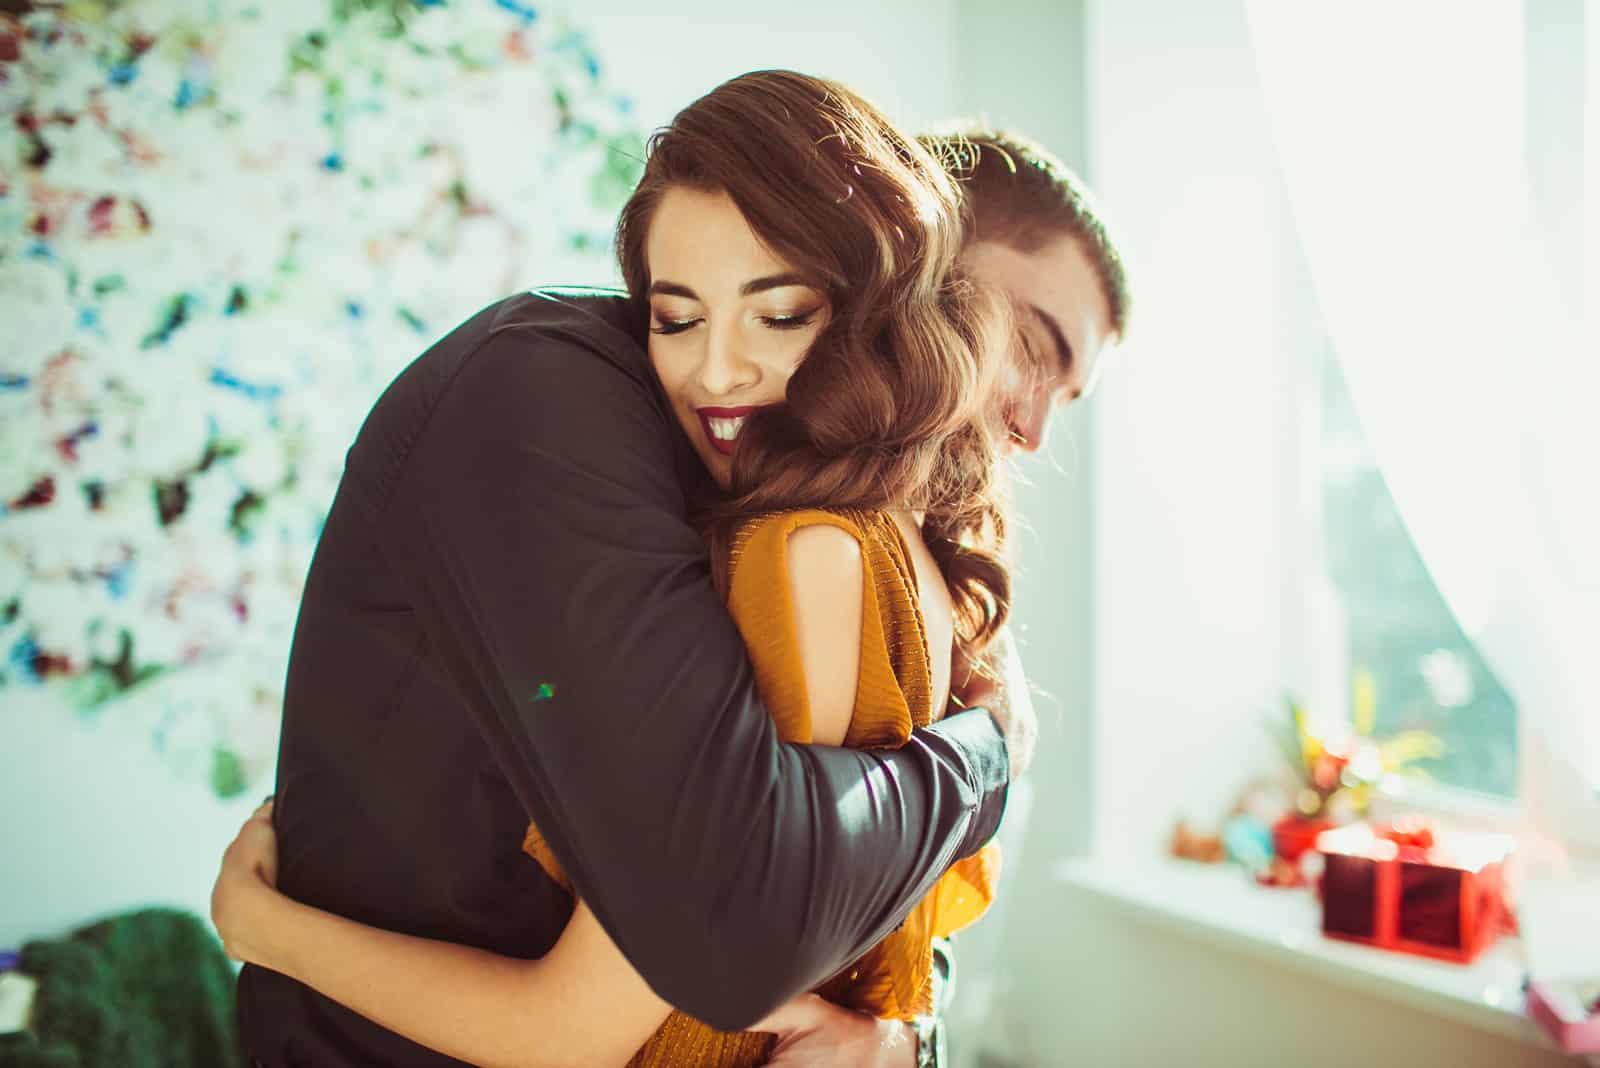 Schöne Dame lehnt sich an die Schulter des Mannes, während er sie umarmt